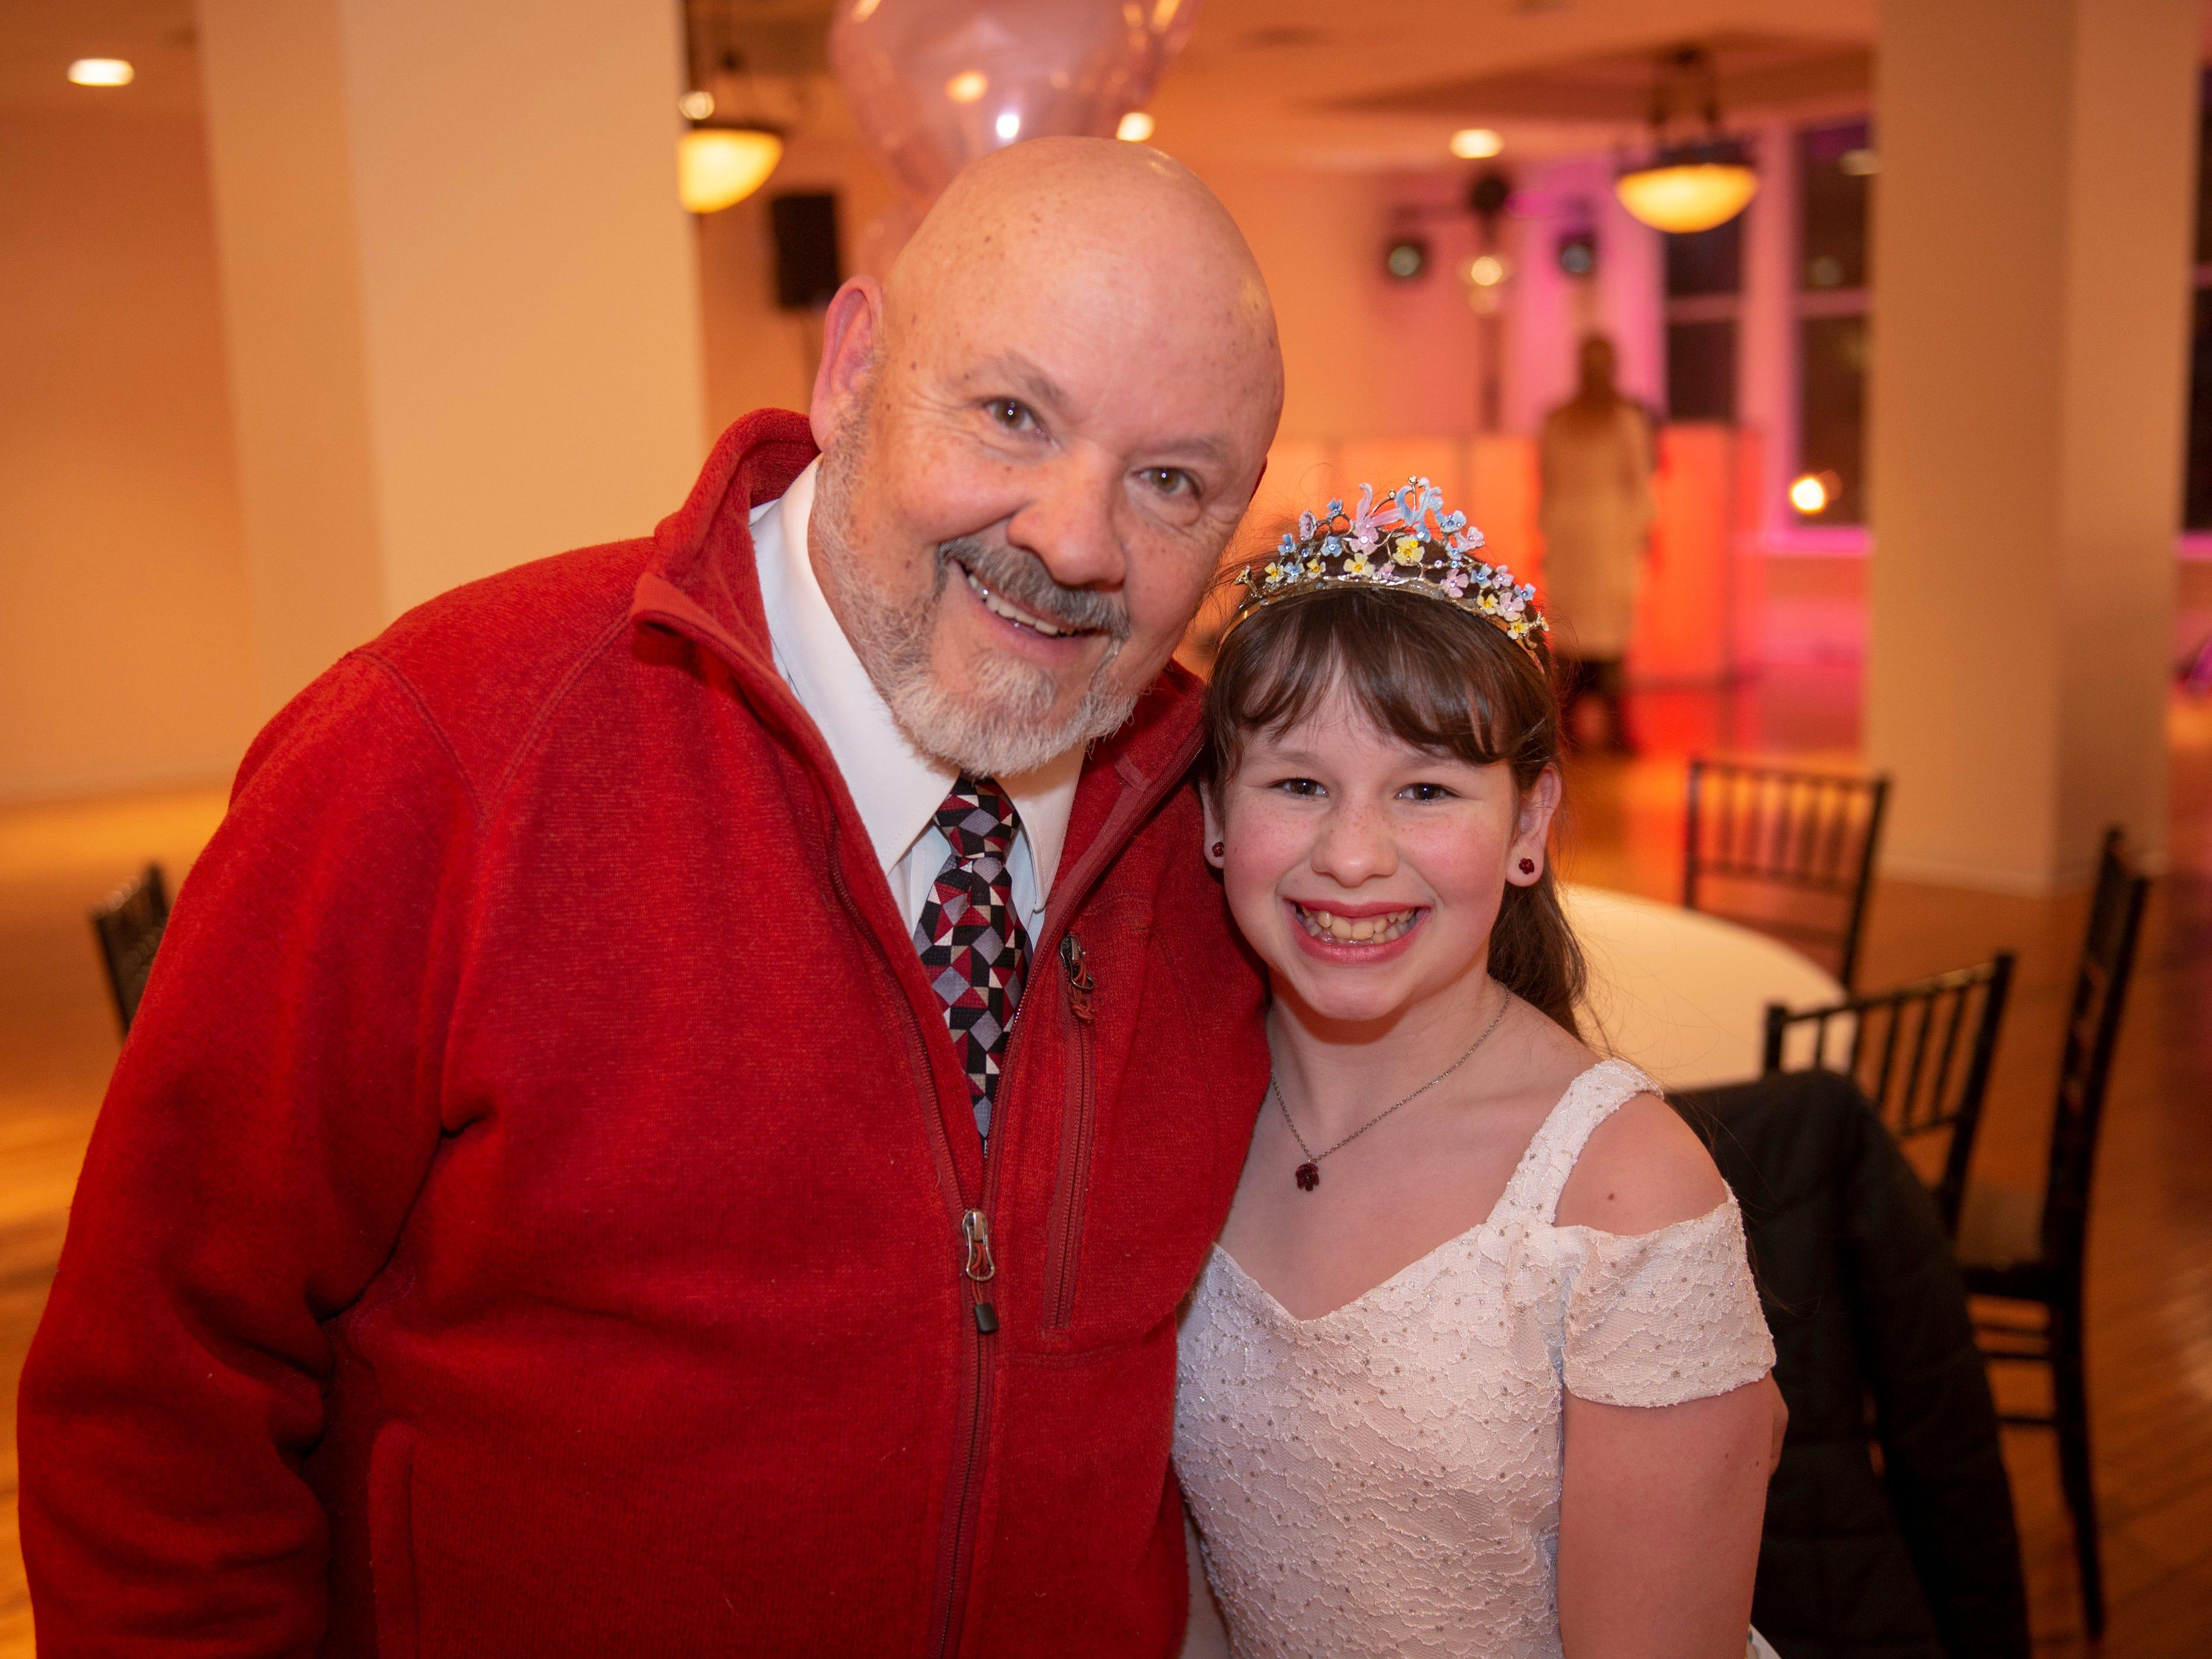 Joe Miller and Bella